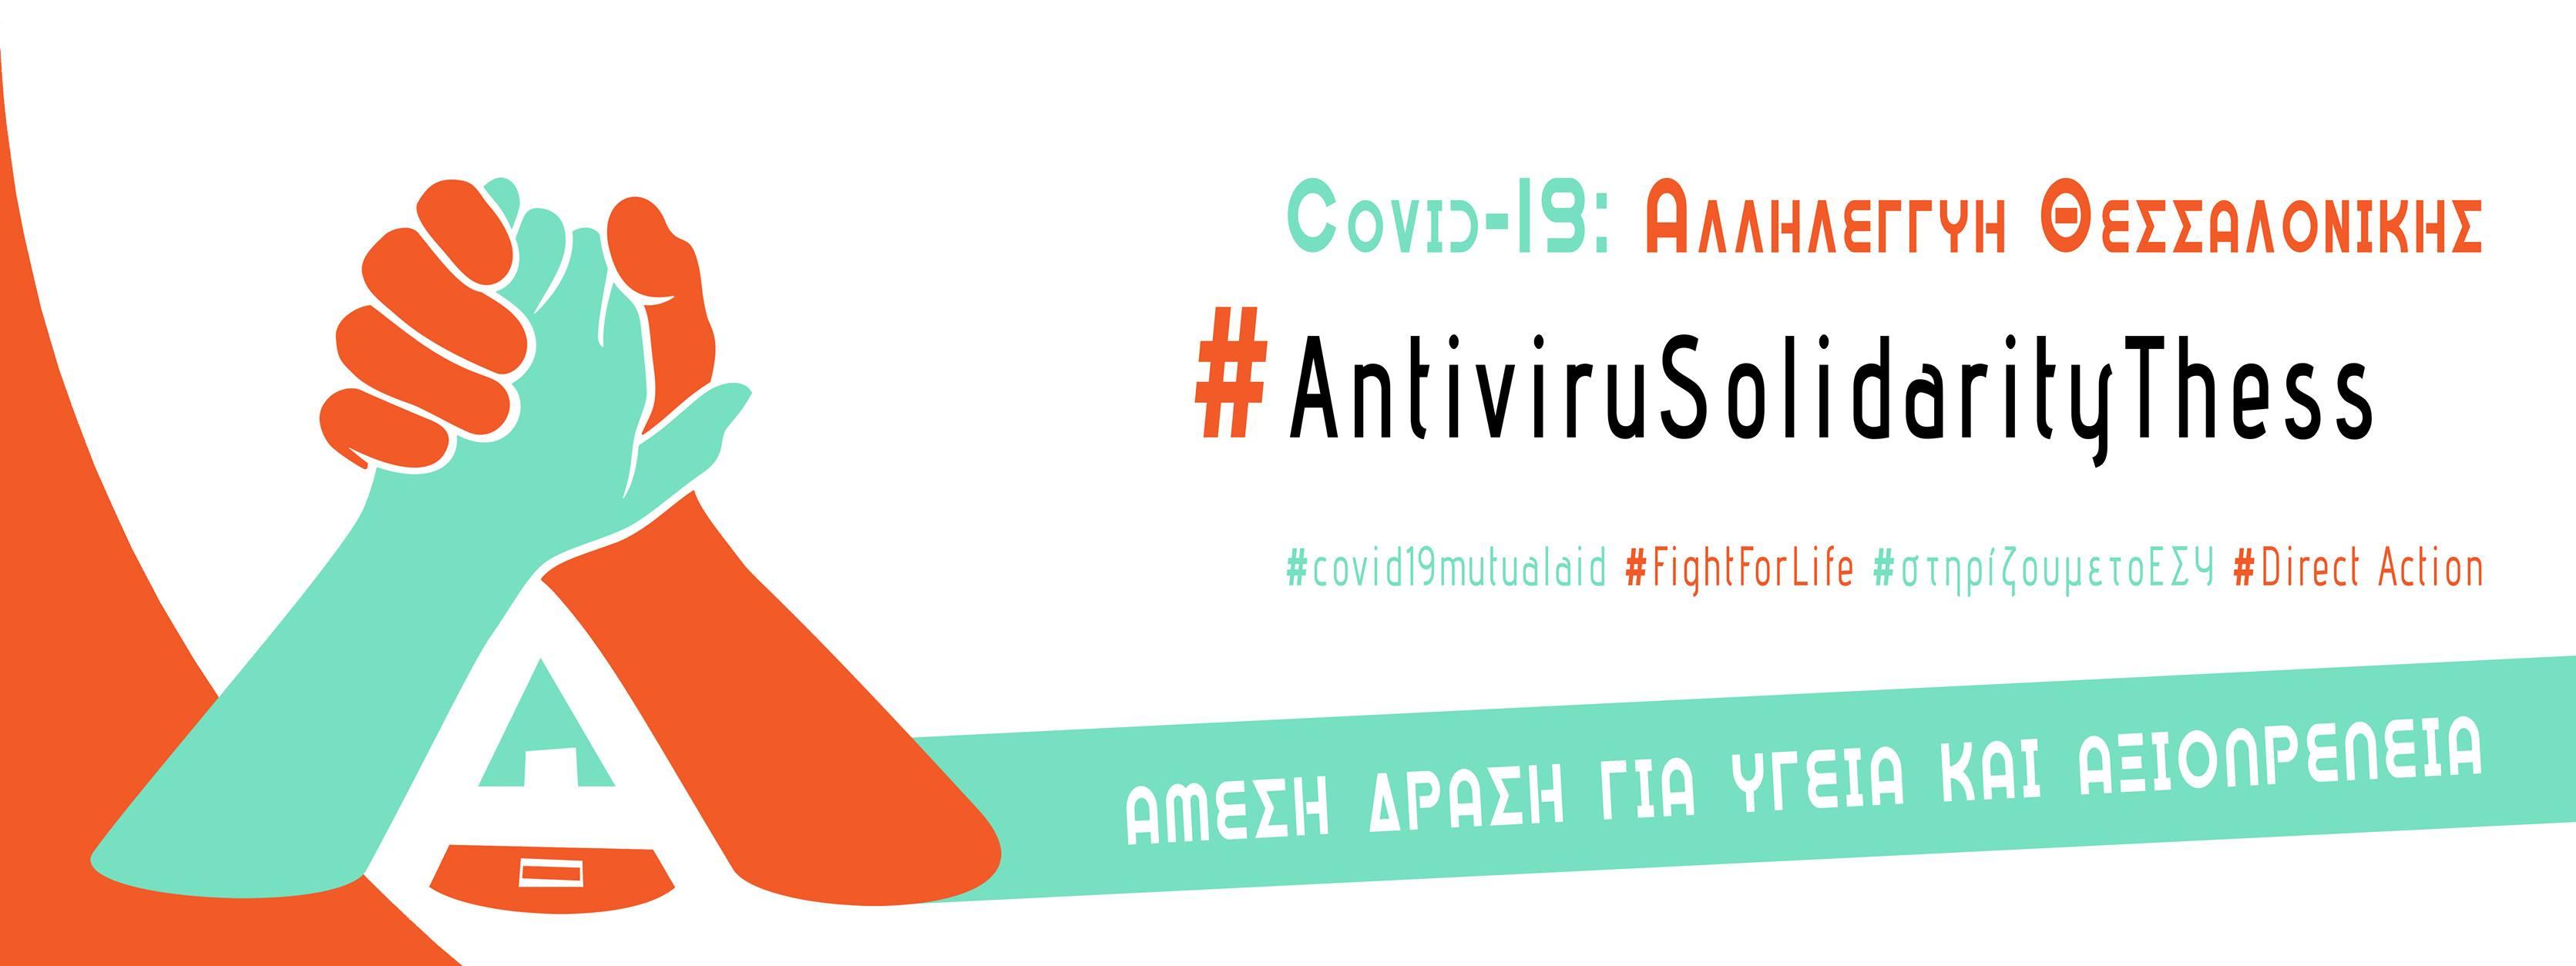 Ομάδα Ψυχικής Υγείας από το δίκτυο Covid-19 Αλληλεγγύη Θεσσαλονίκης